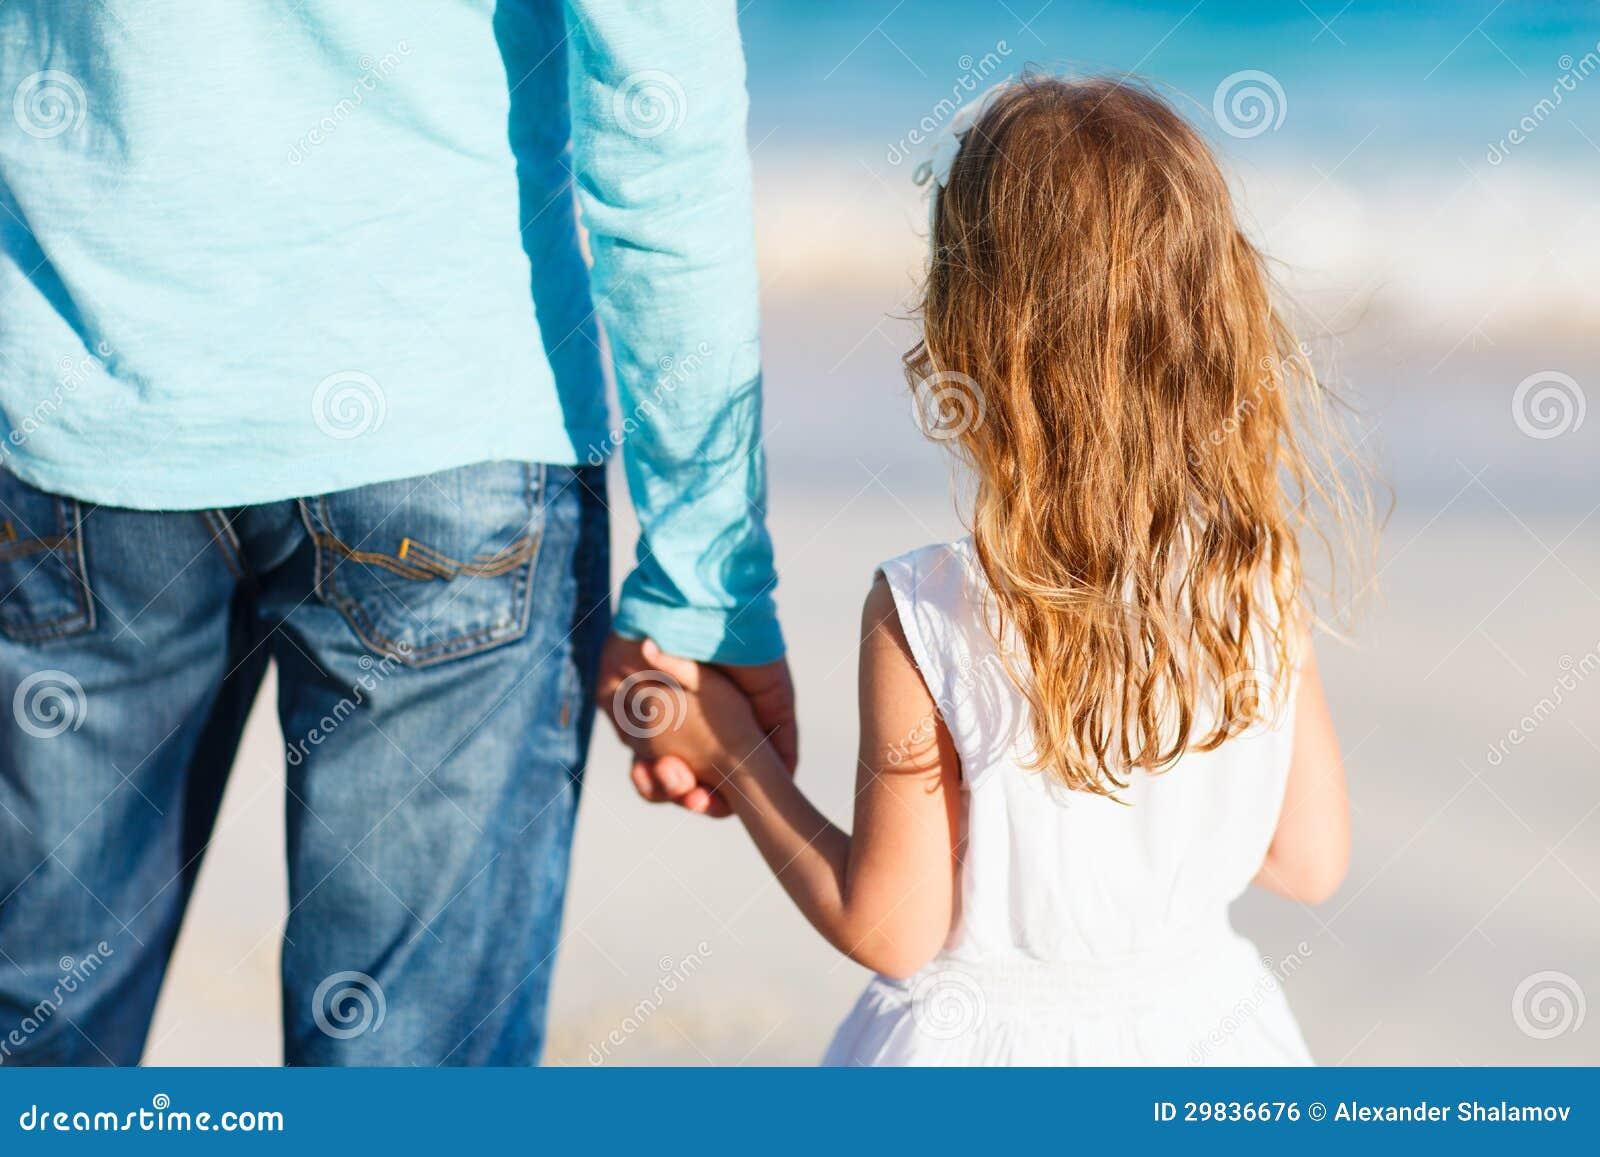 Я люблю своего папу рассказы дочка и папа 2 фотография